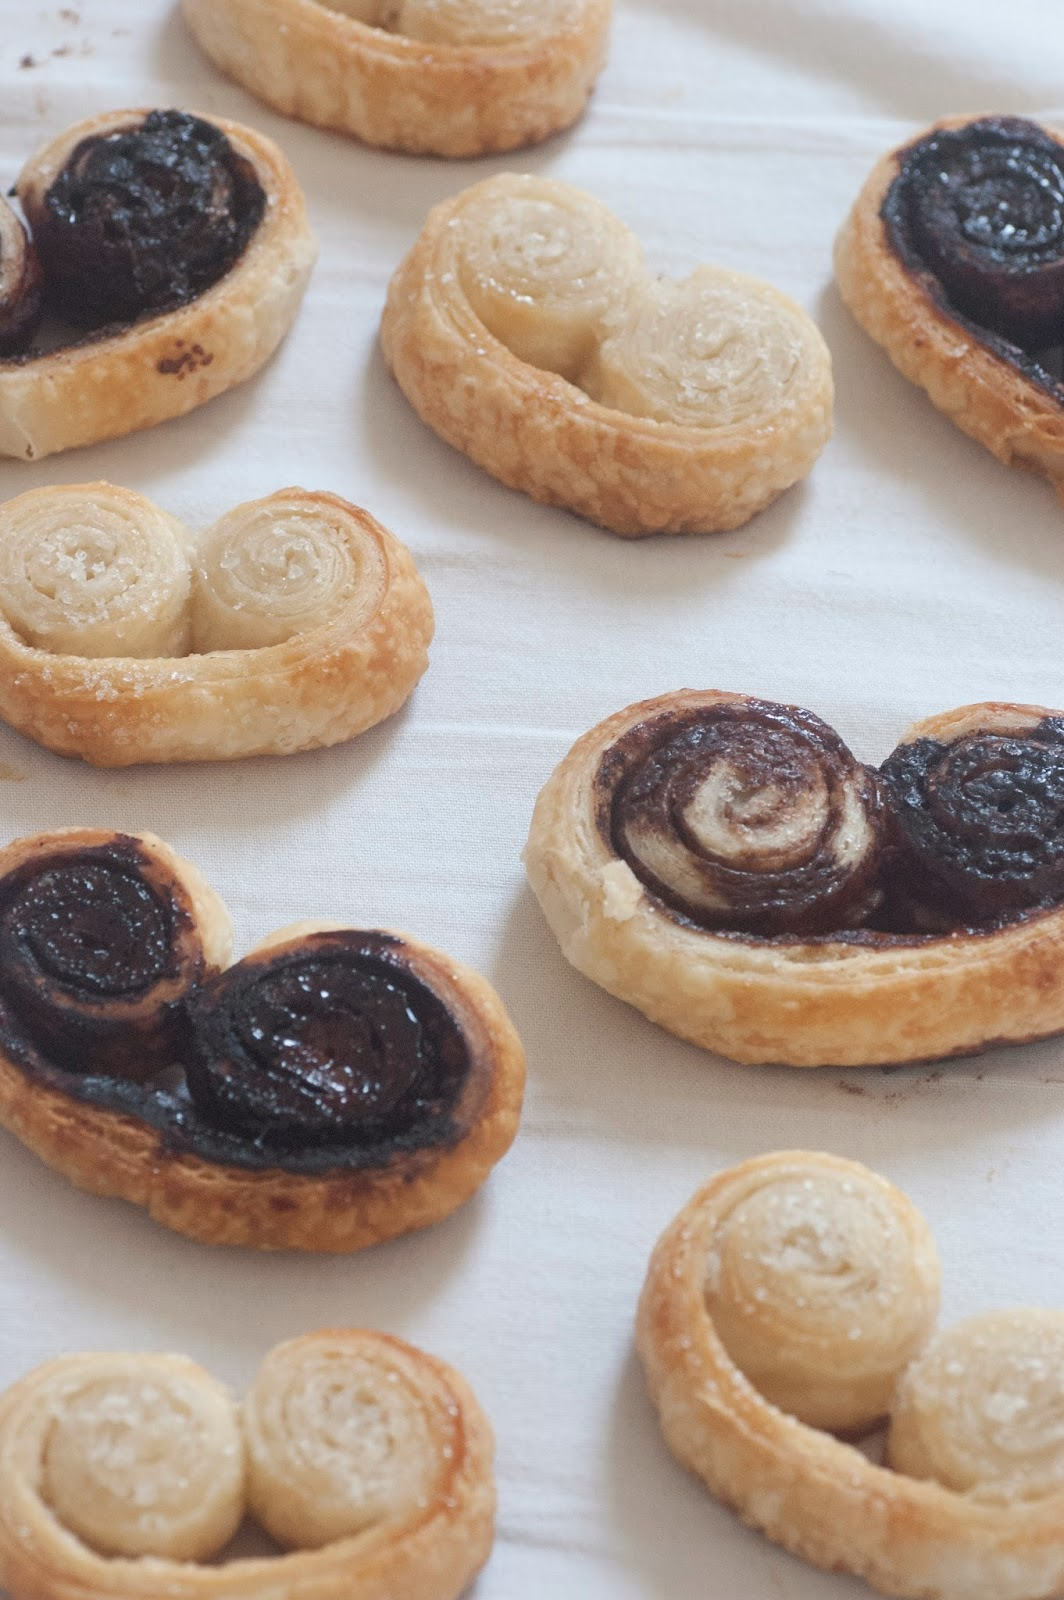 עוגיות אוזני פיל מבצק עלים שמכינים בצ'יק צ'ק